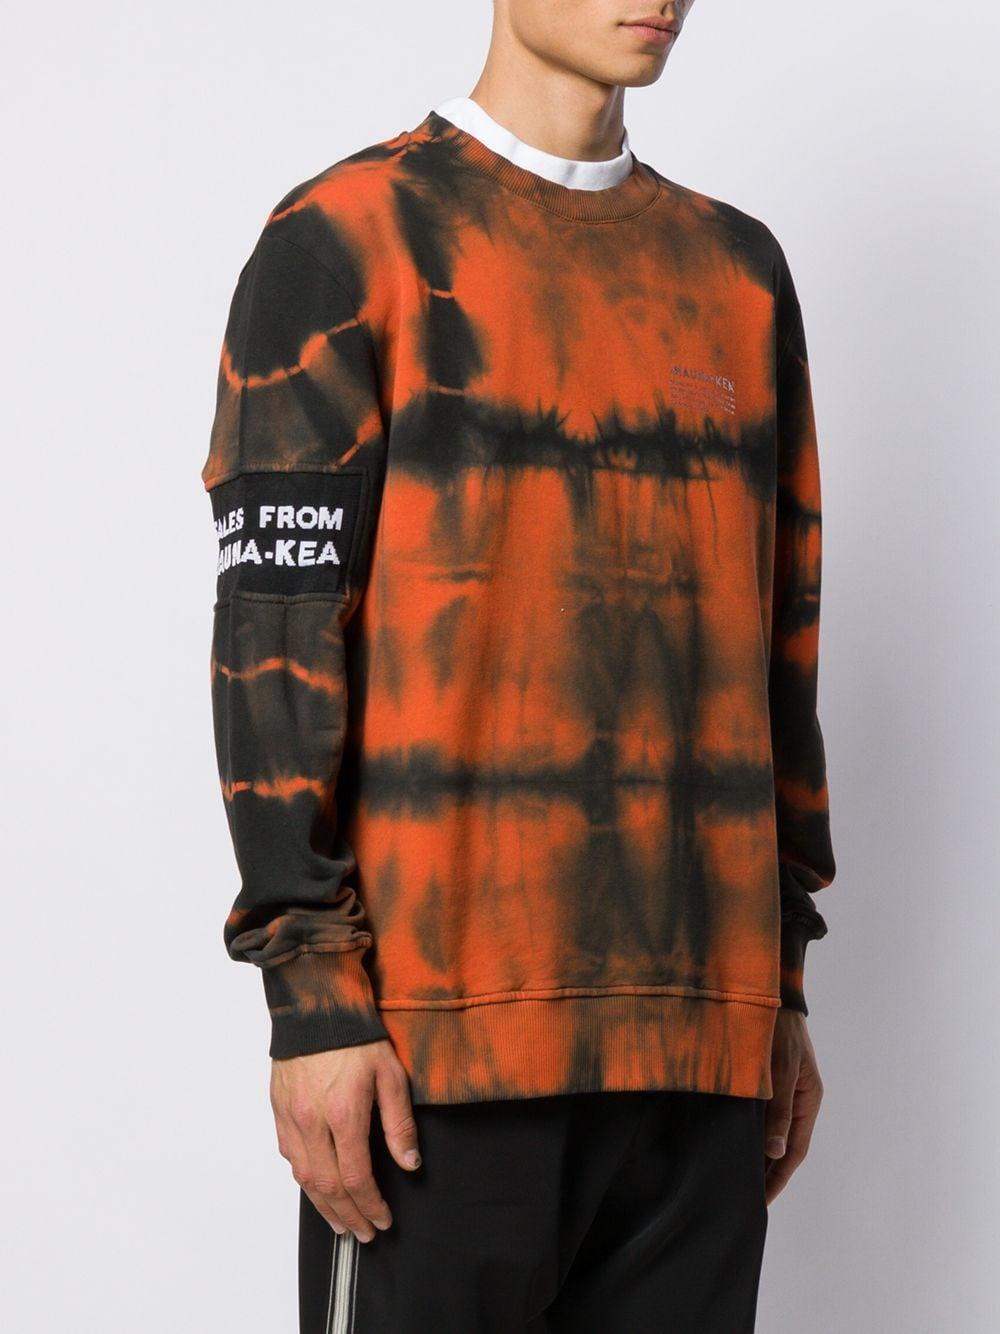 Mauna Kea Katoen Sweater Met Tie-dye in het Zwart voor heren